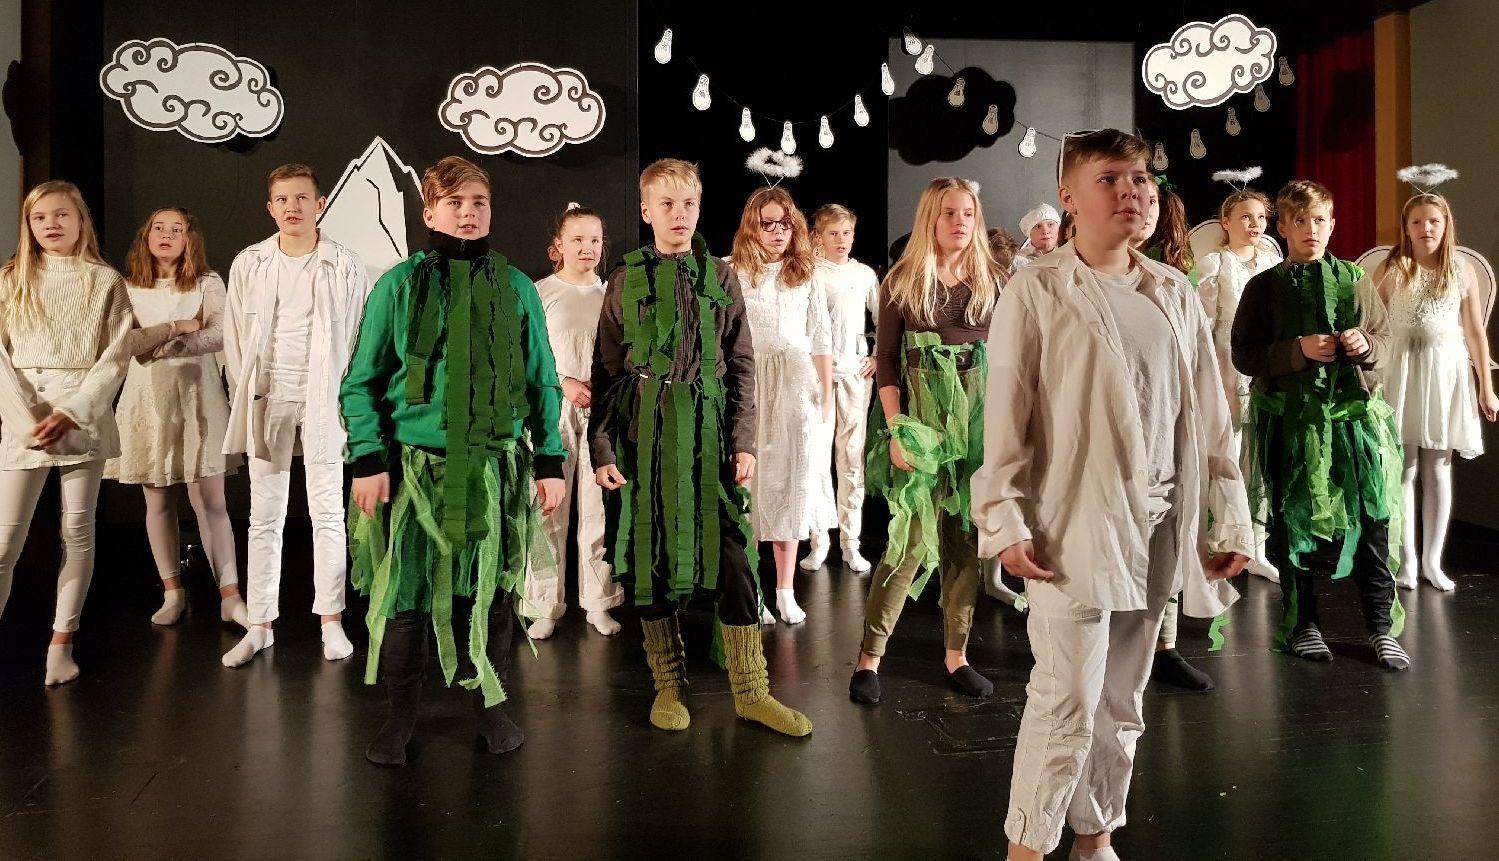 Teatergäng på scenen i vita och gröna kläder